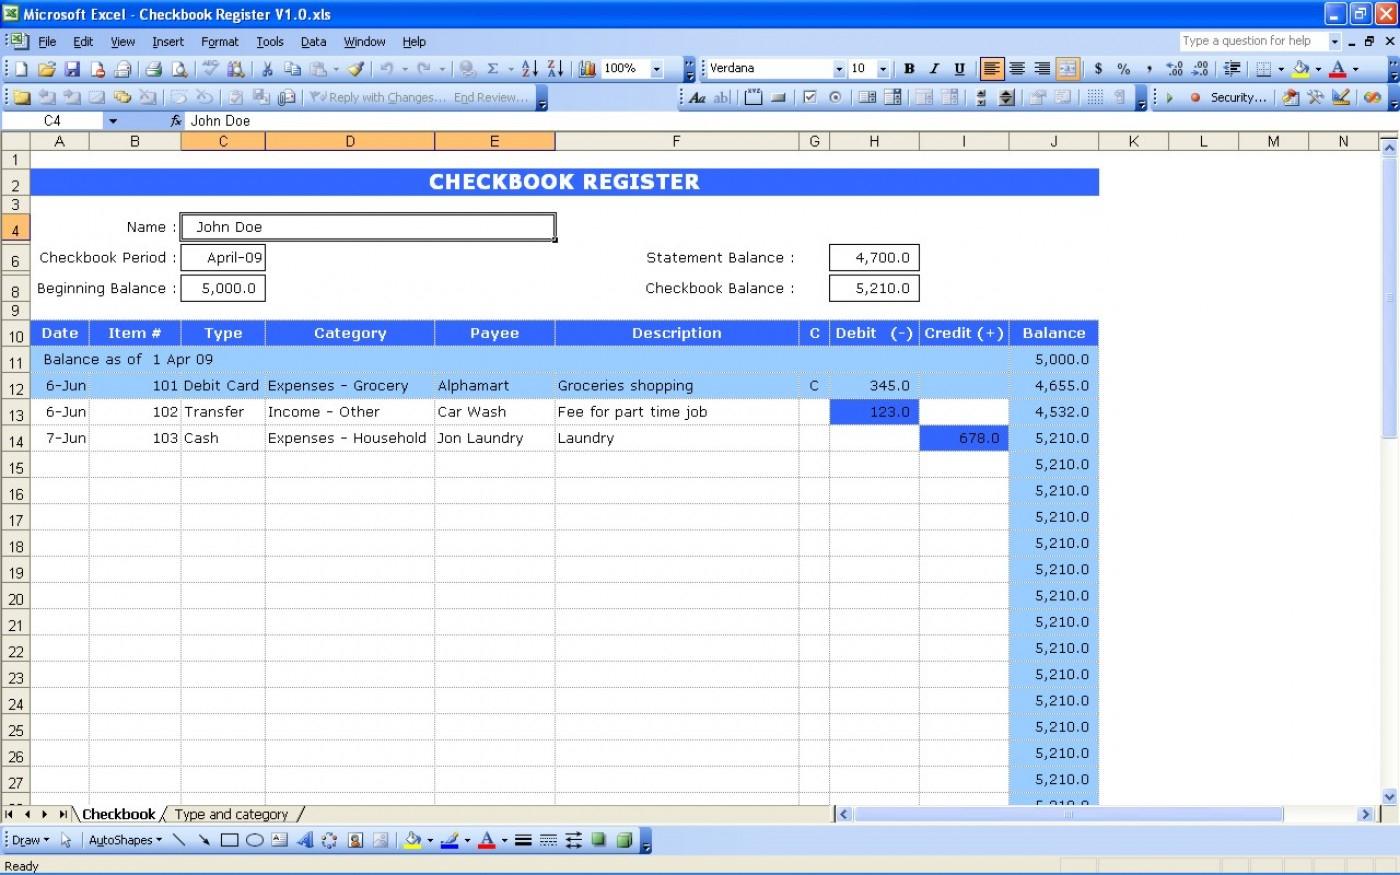 Checkbook Register Spreadsheet Excel Intended For 001 Excel Checkbook Register Template ~ Ulyssesroom